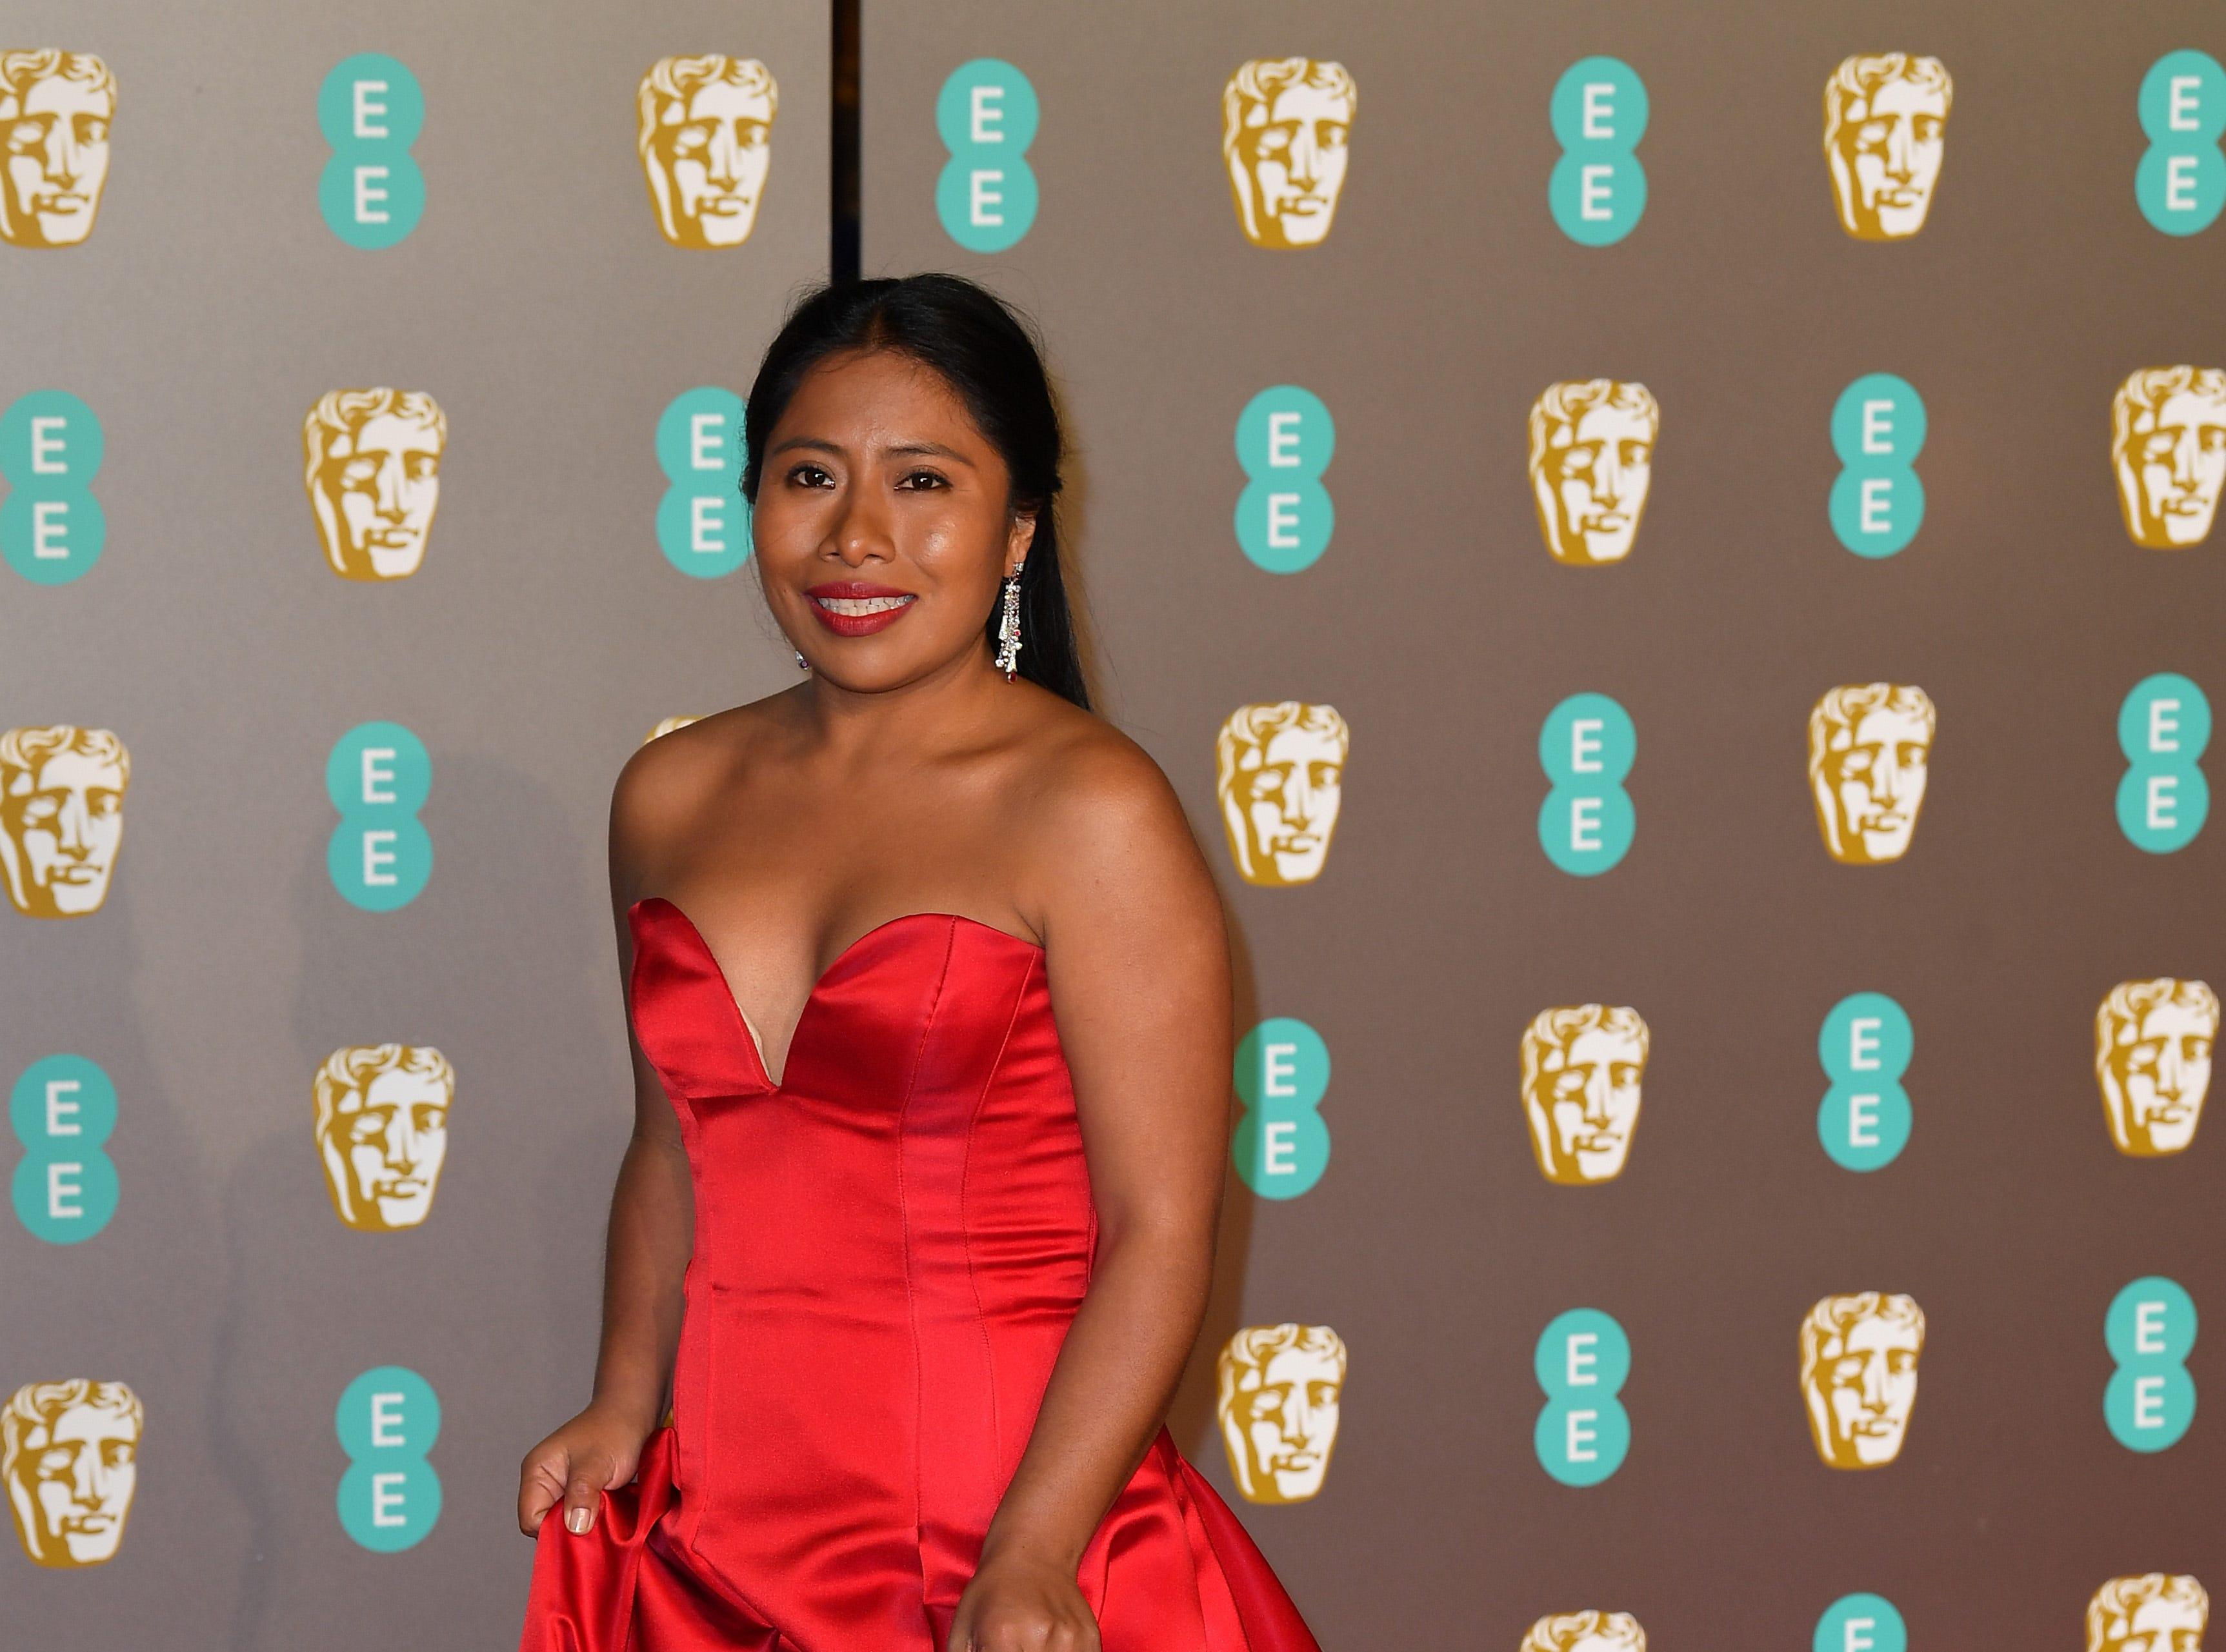 Yalitza Aparicio a su llegada a la alfombra roja de los Premios de la Academia Británica de Cine BAFTA en el Royal Albert Hall en Londres el 10 de febrero de 2019.